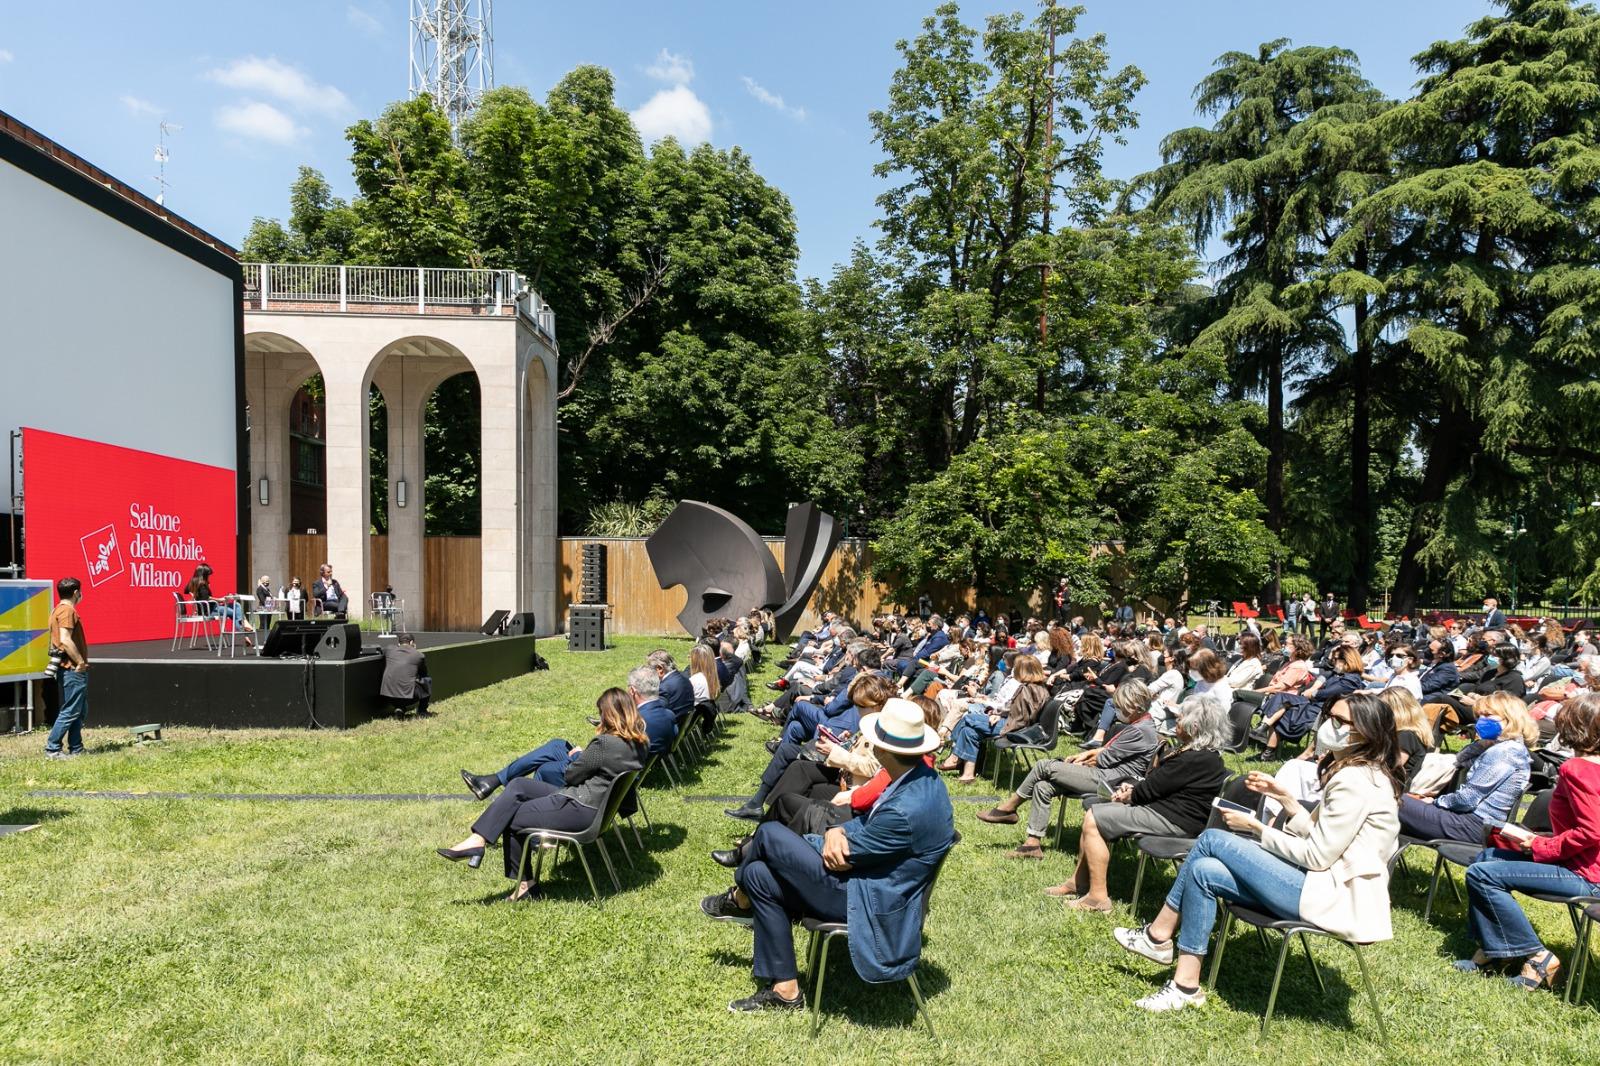 Coletiva de imprensa aconteceu nos jardins da Triennale de Milão.